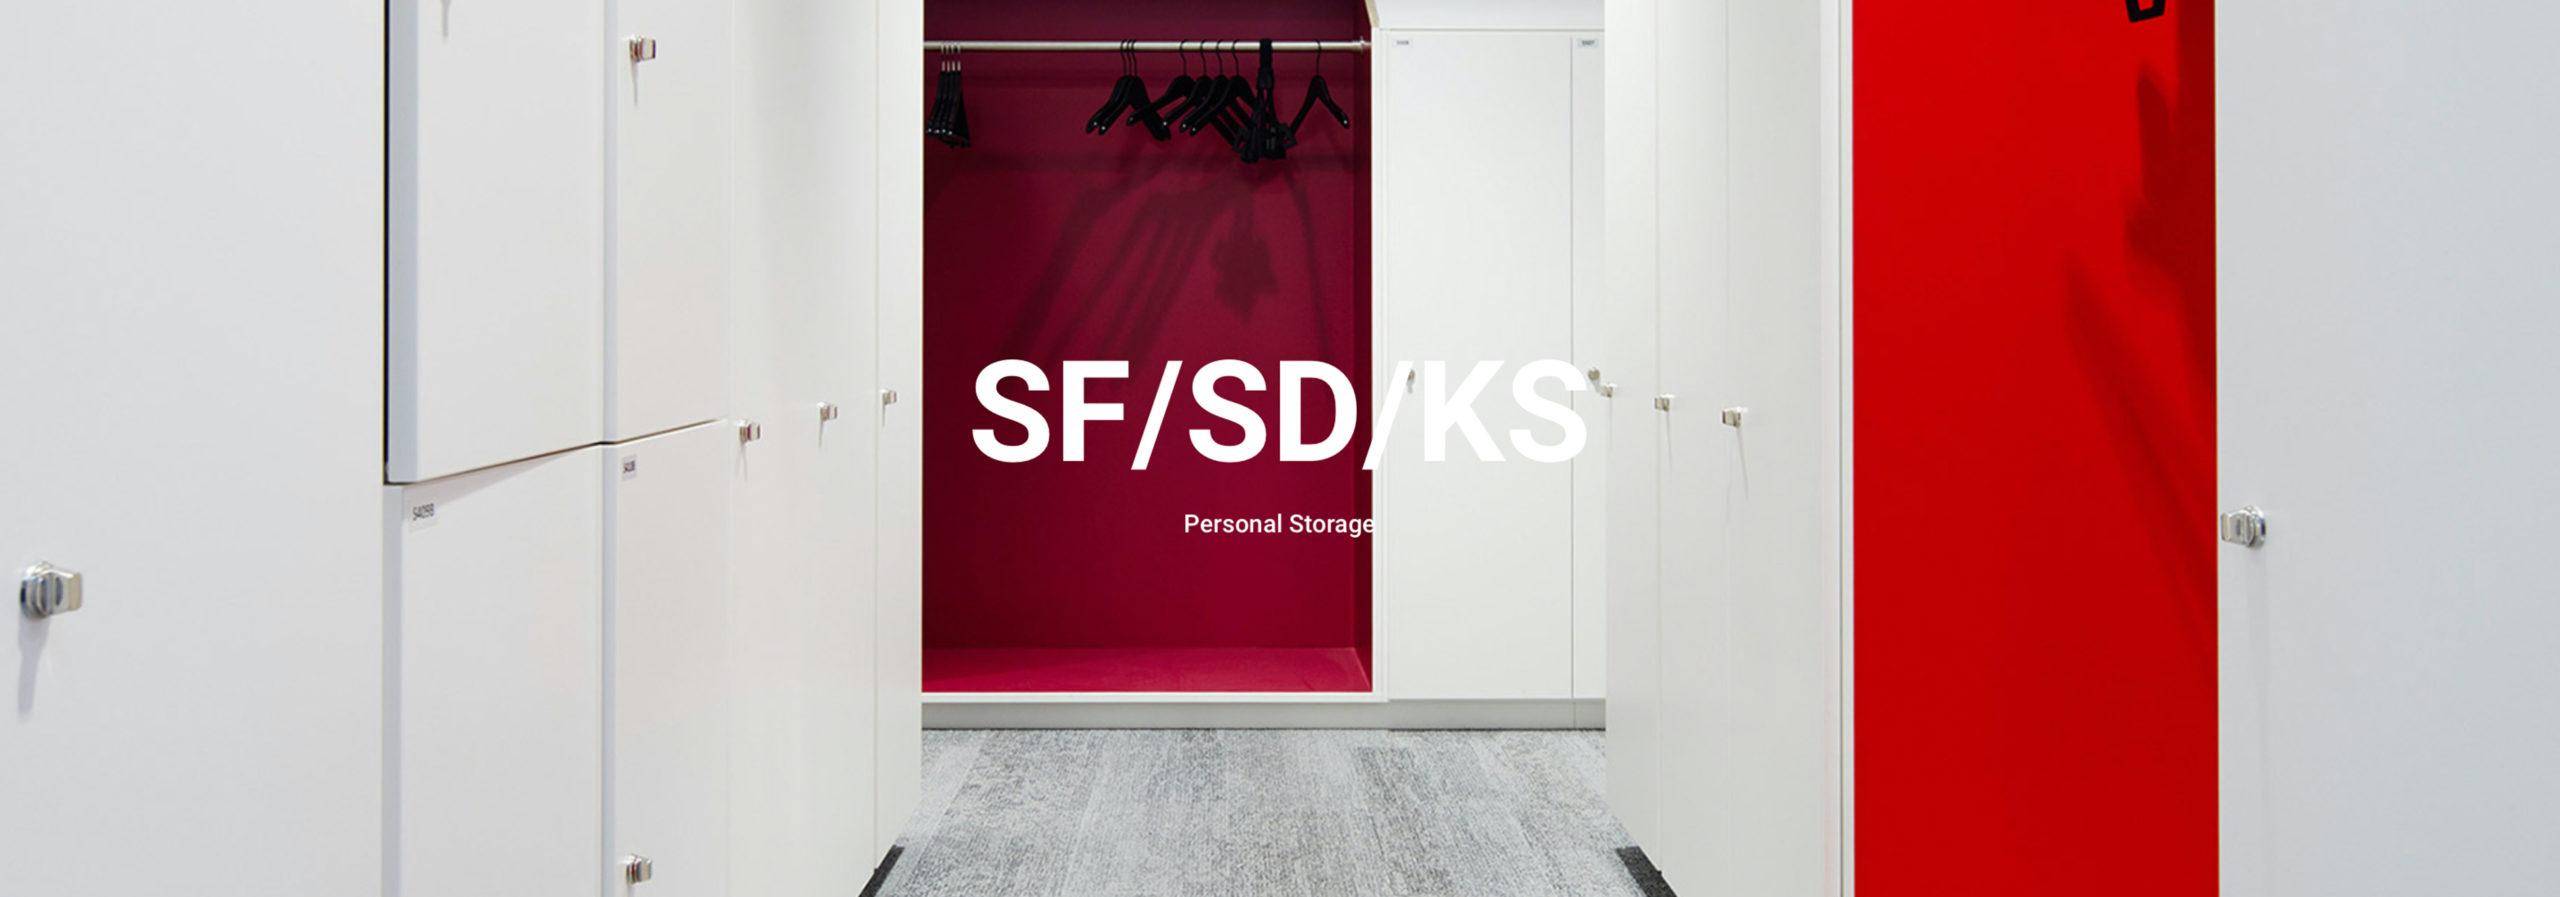 SF_SD_KS_SLIDE_02